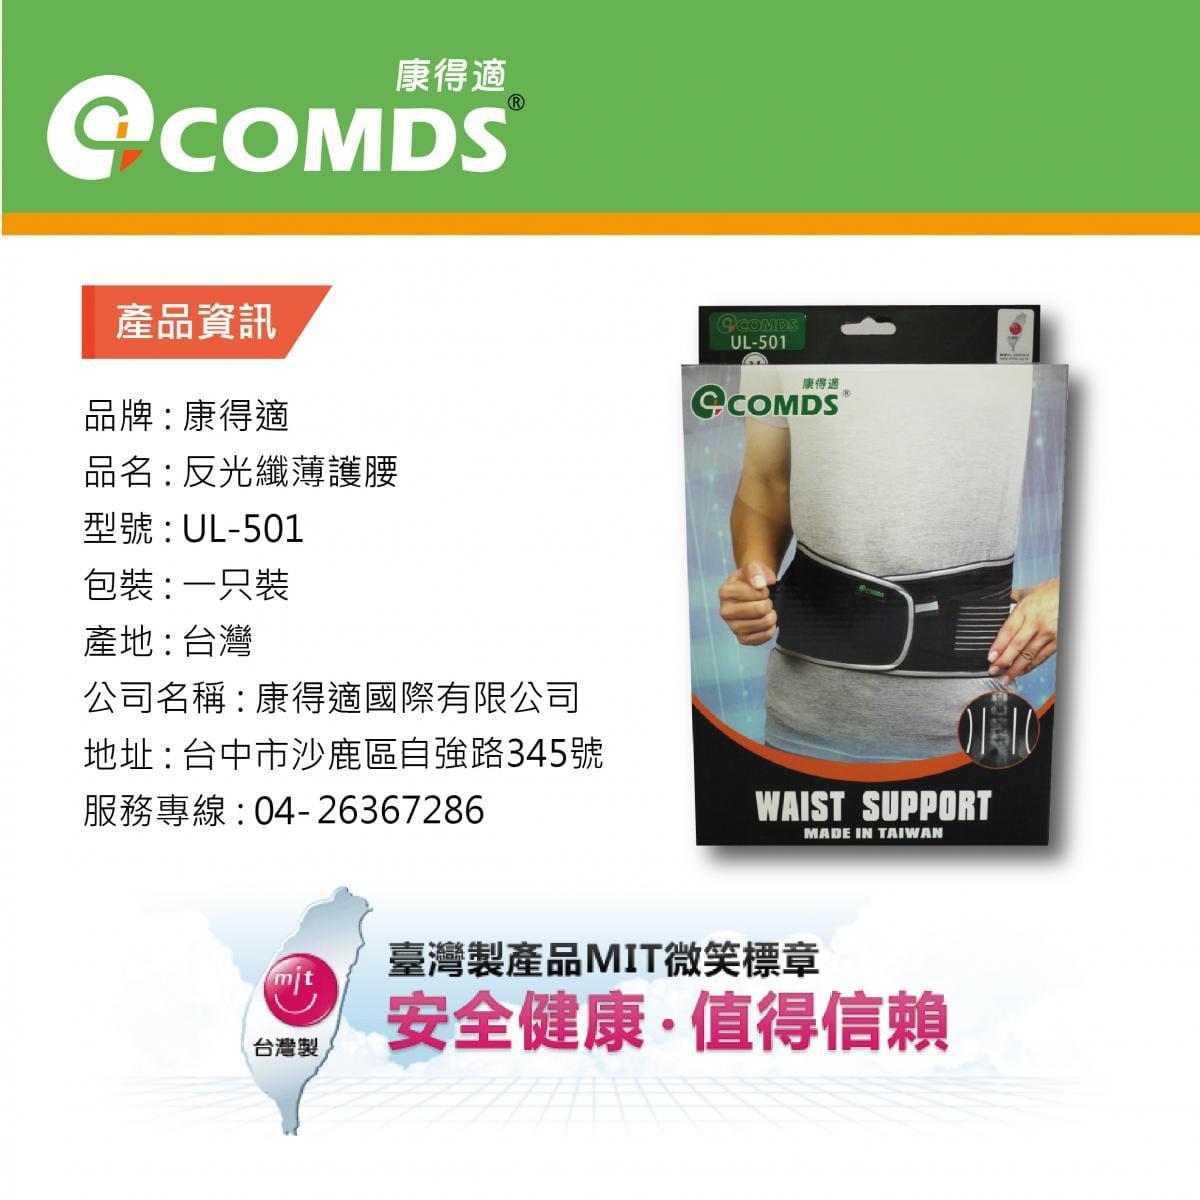 【康得適】UL-501反光纖薄護腰 微笑標章台灣製造 7